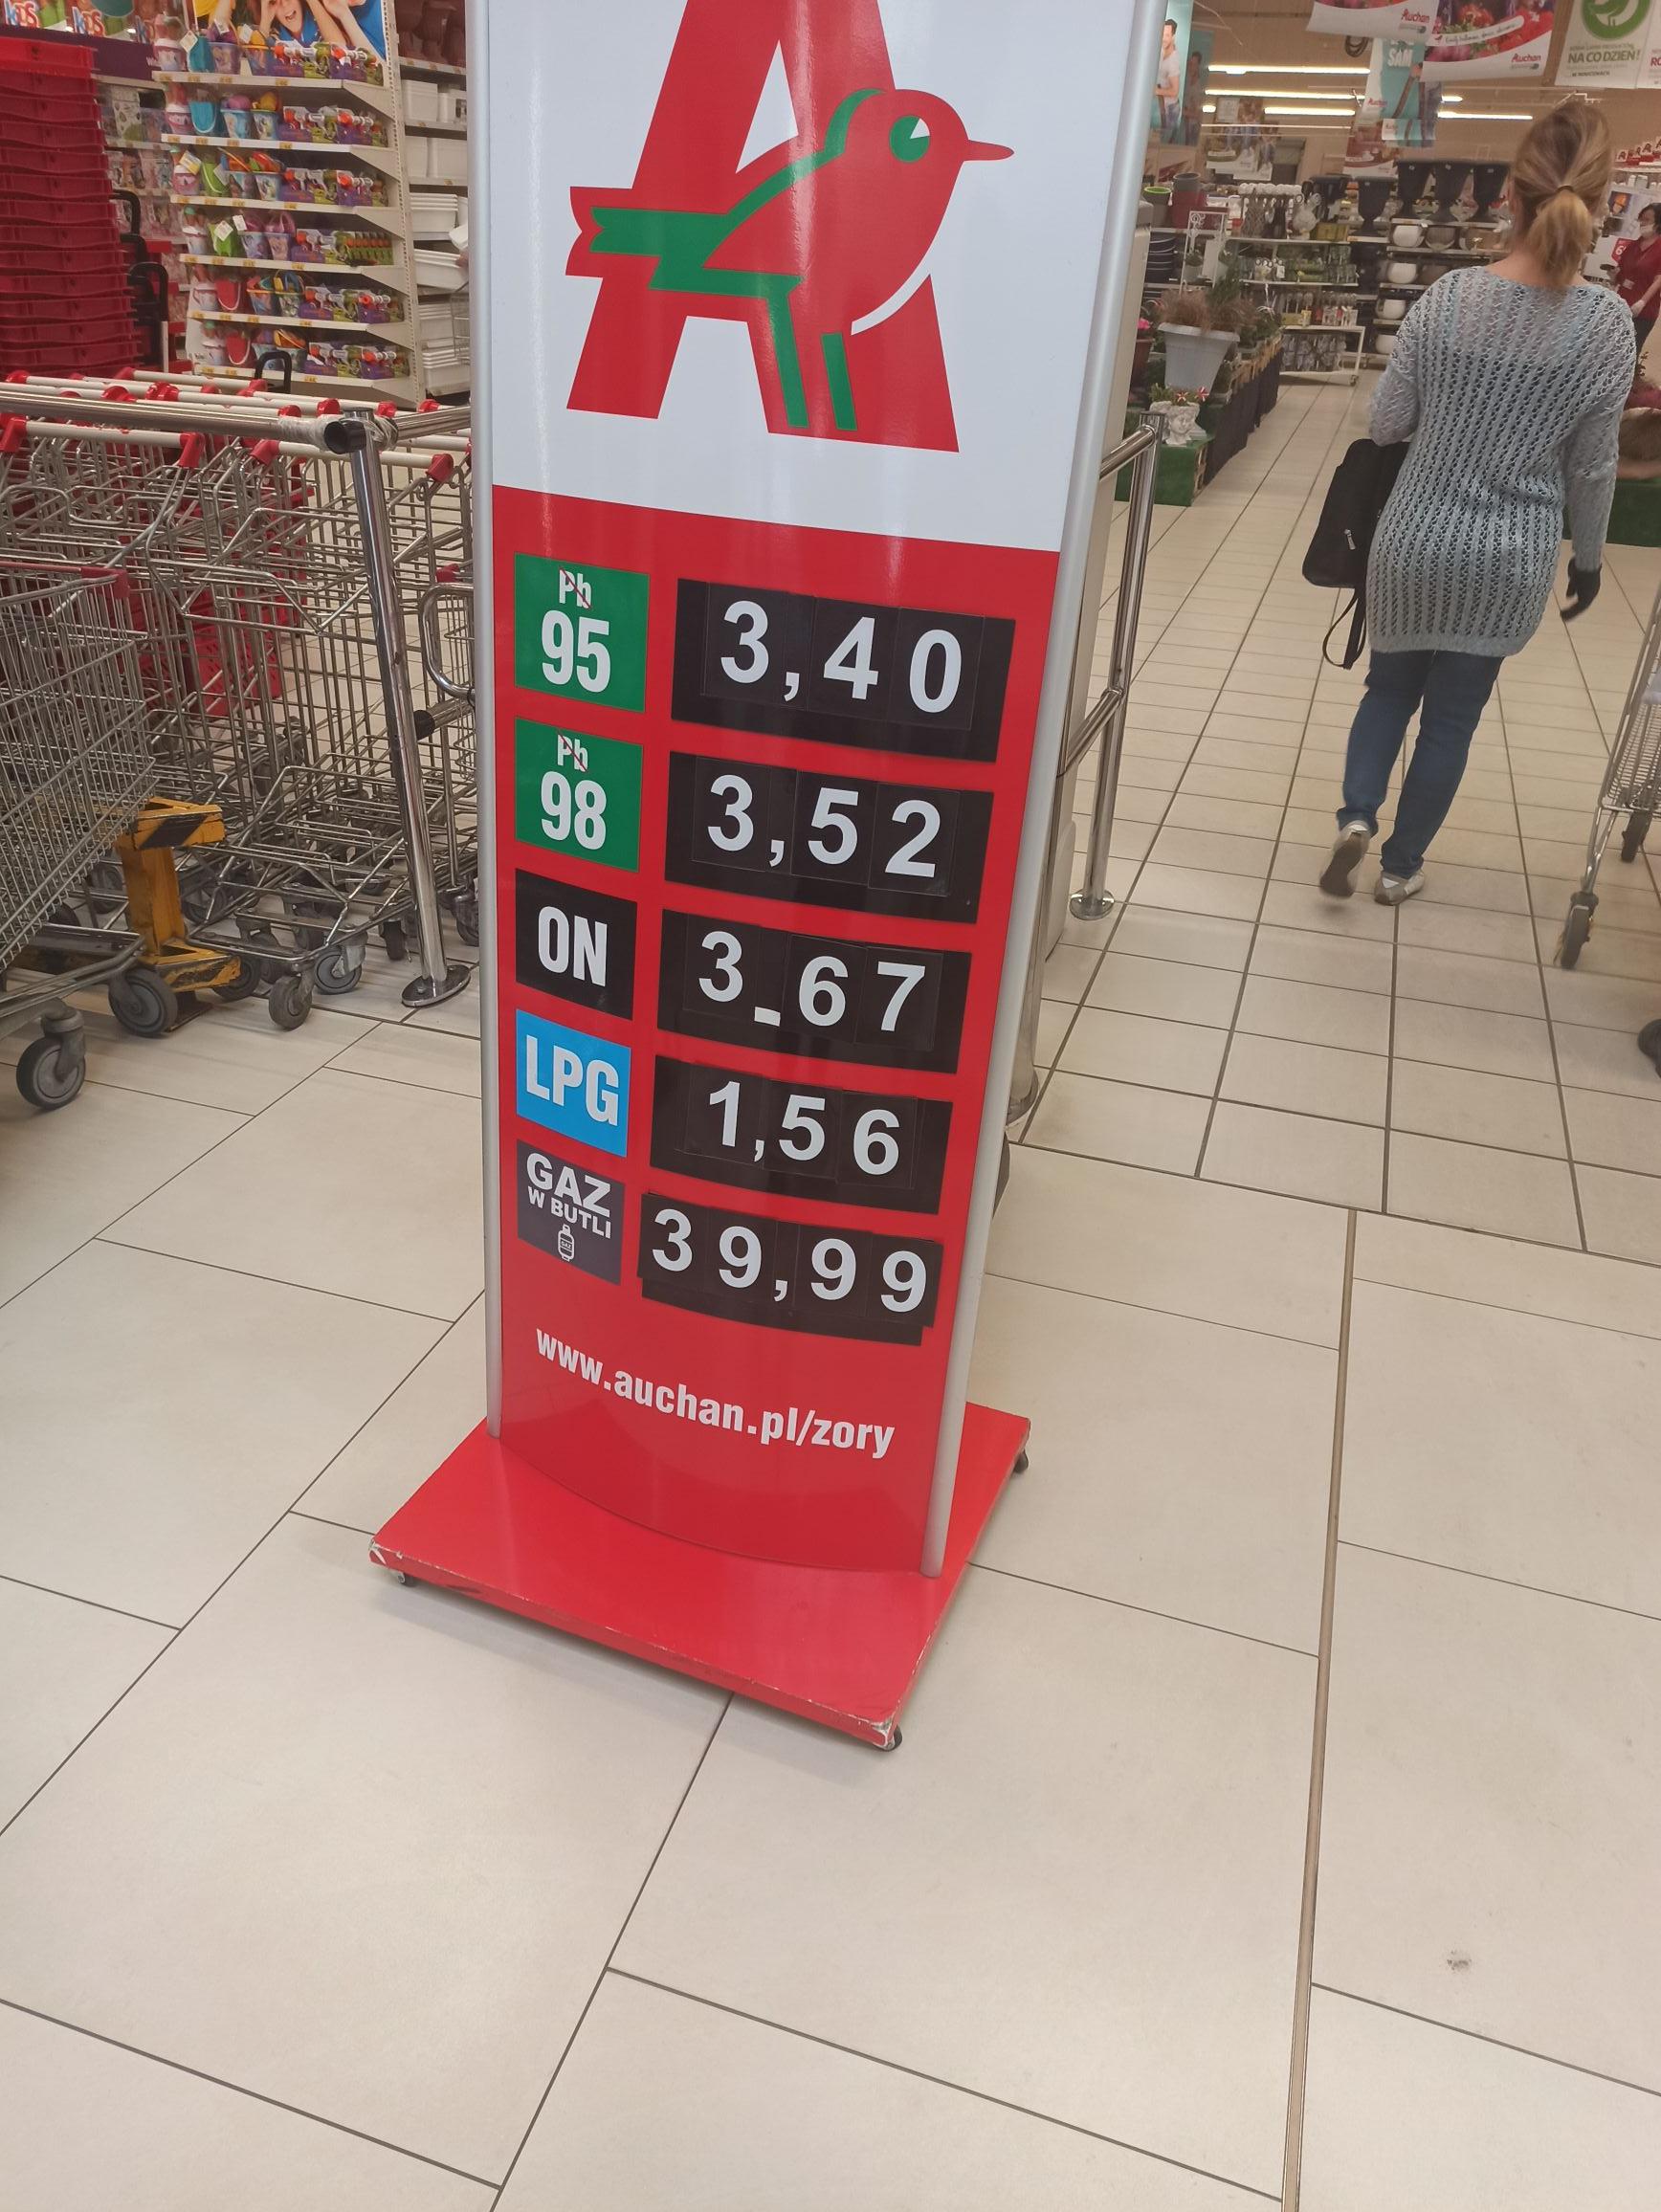 Tanie tankowanie Auchan Żory PB95